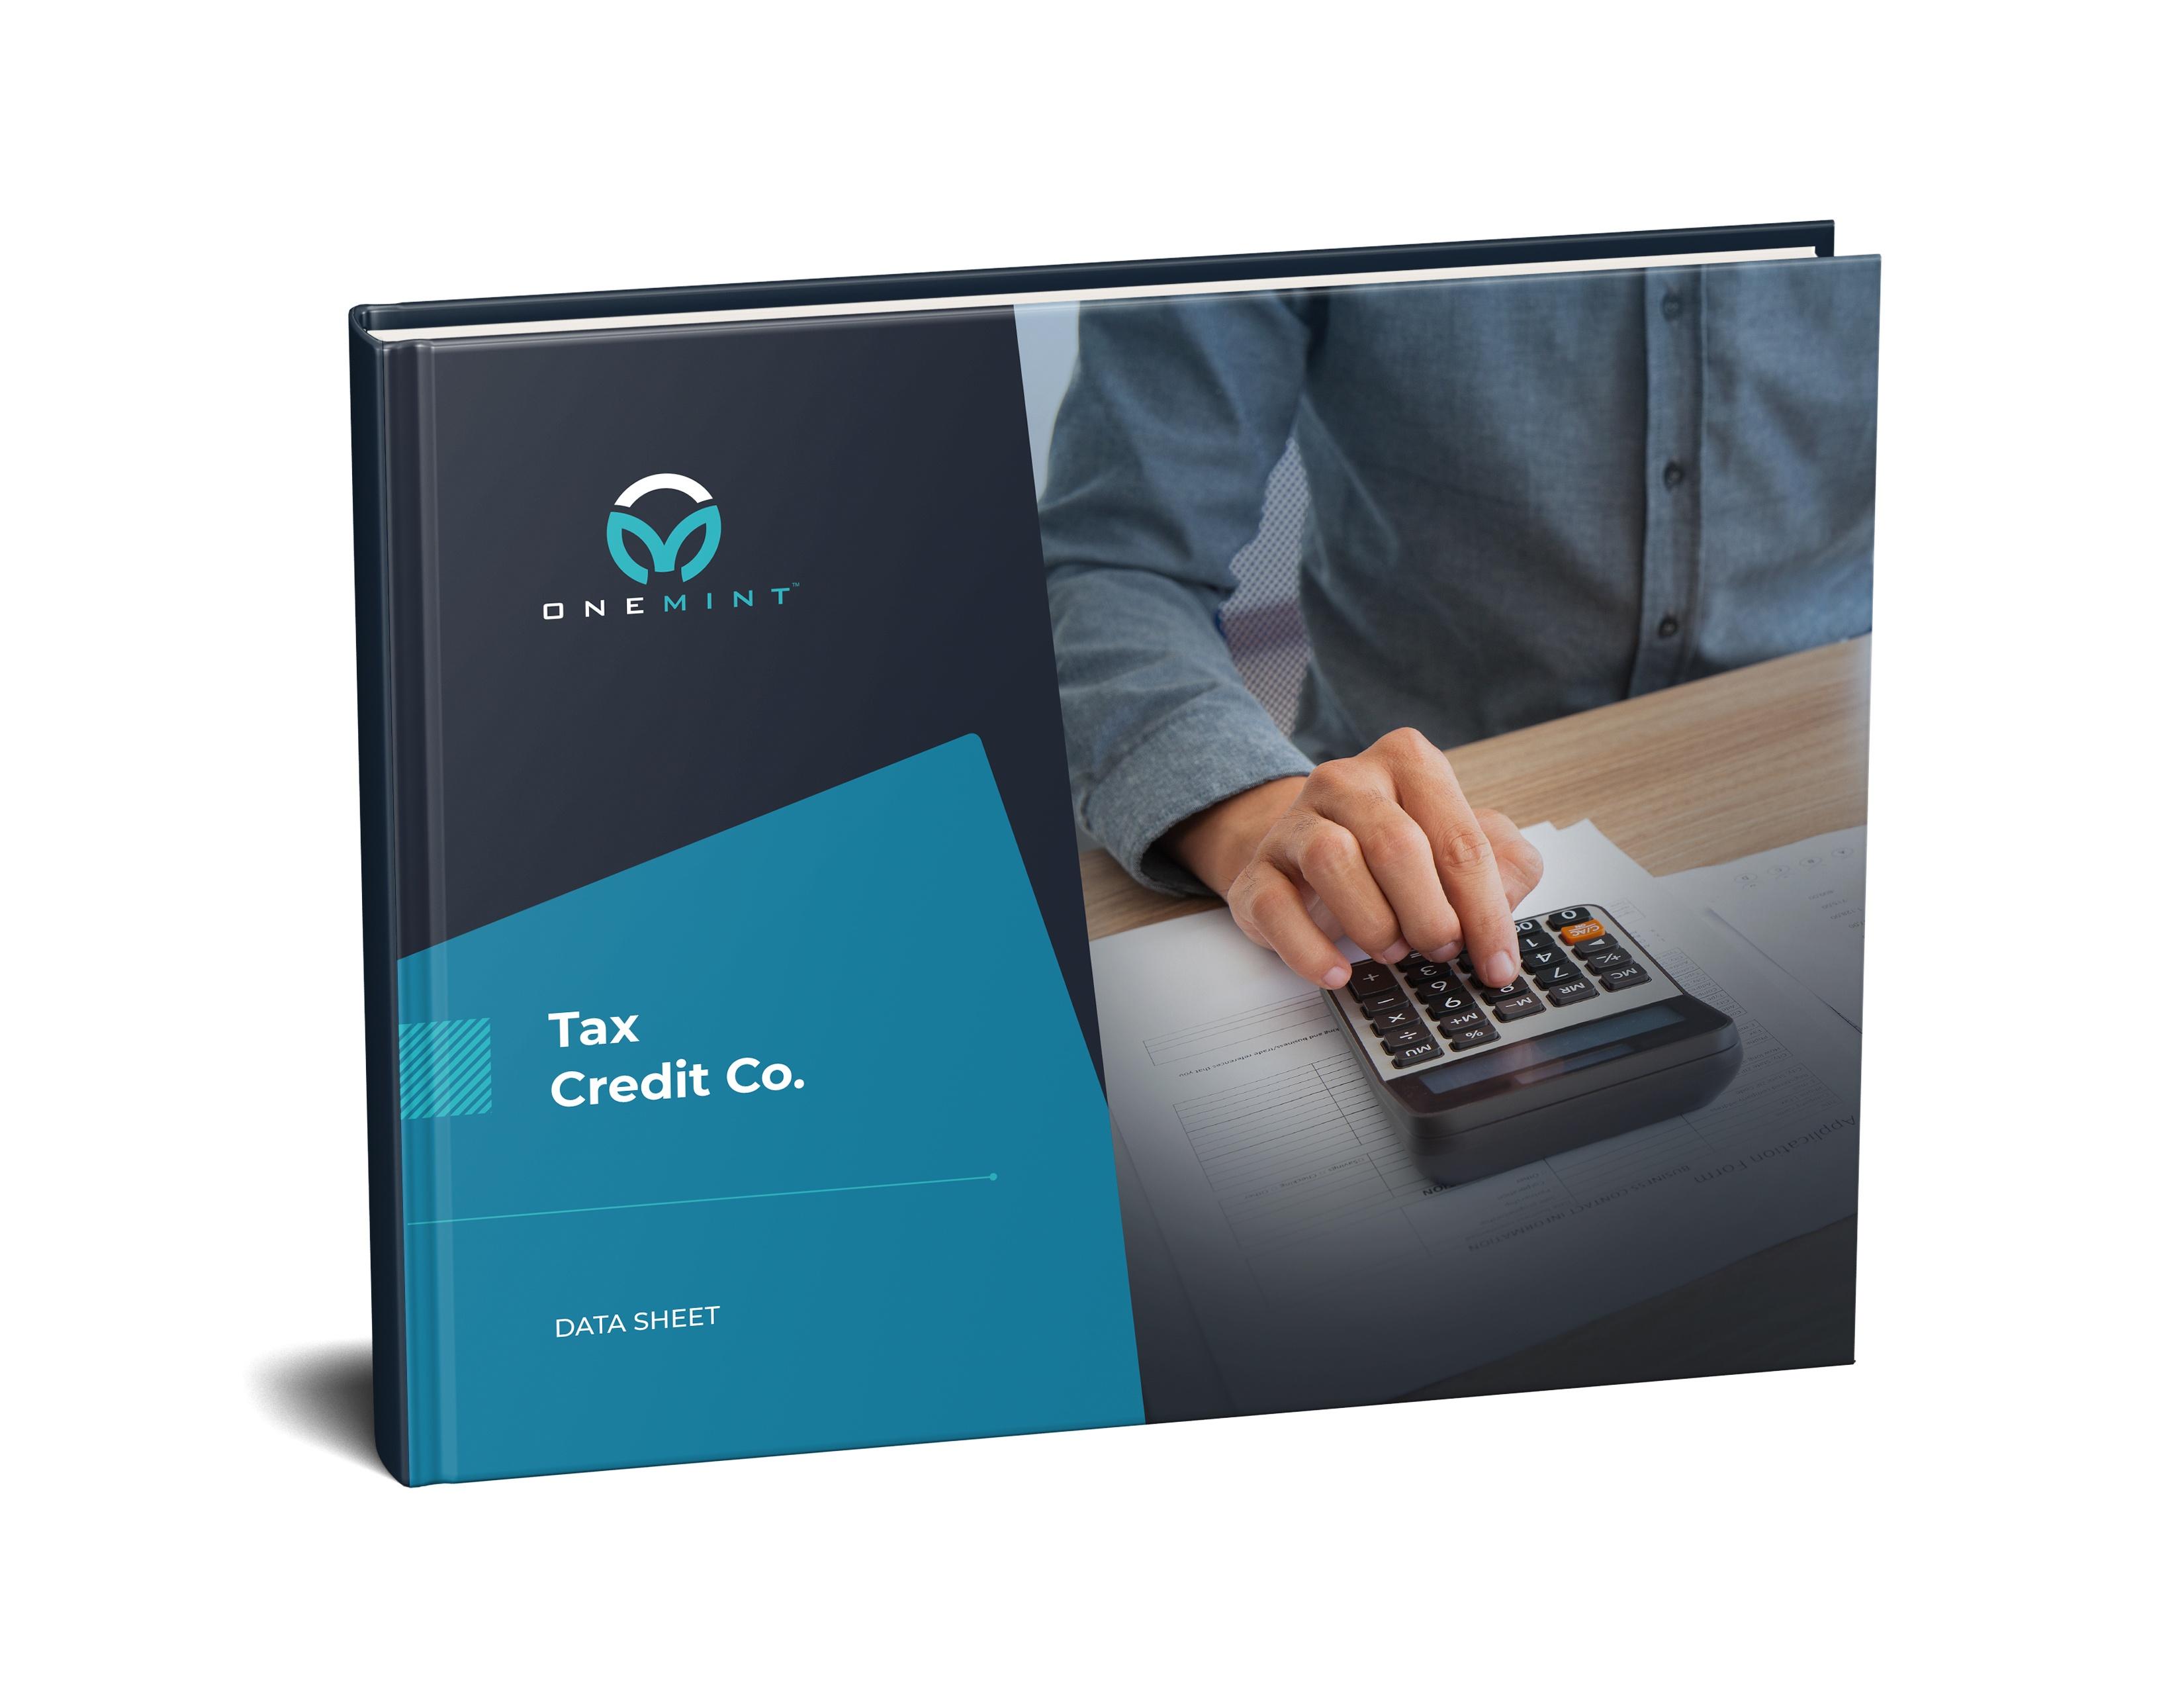 Tax Credit Co